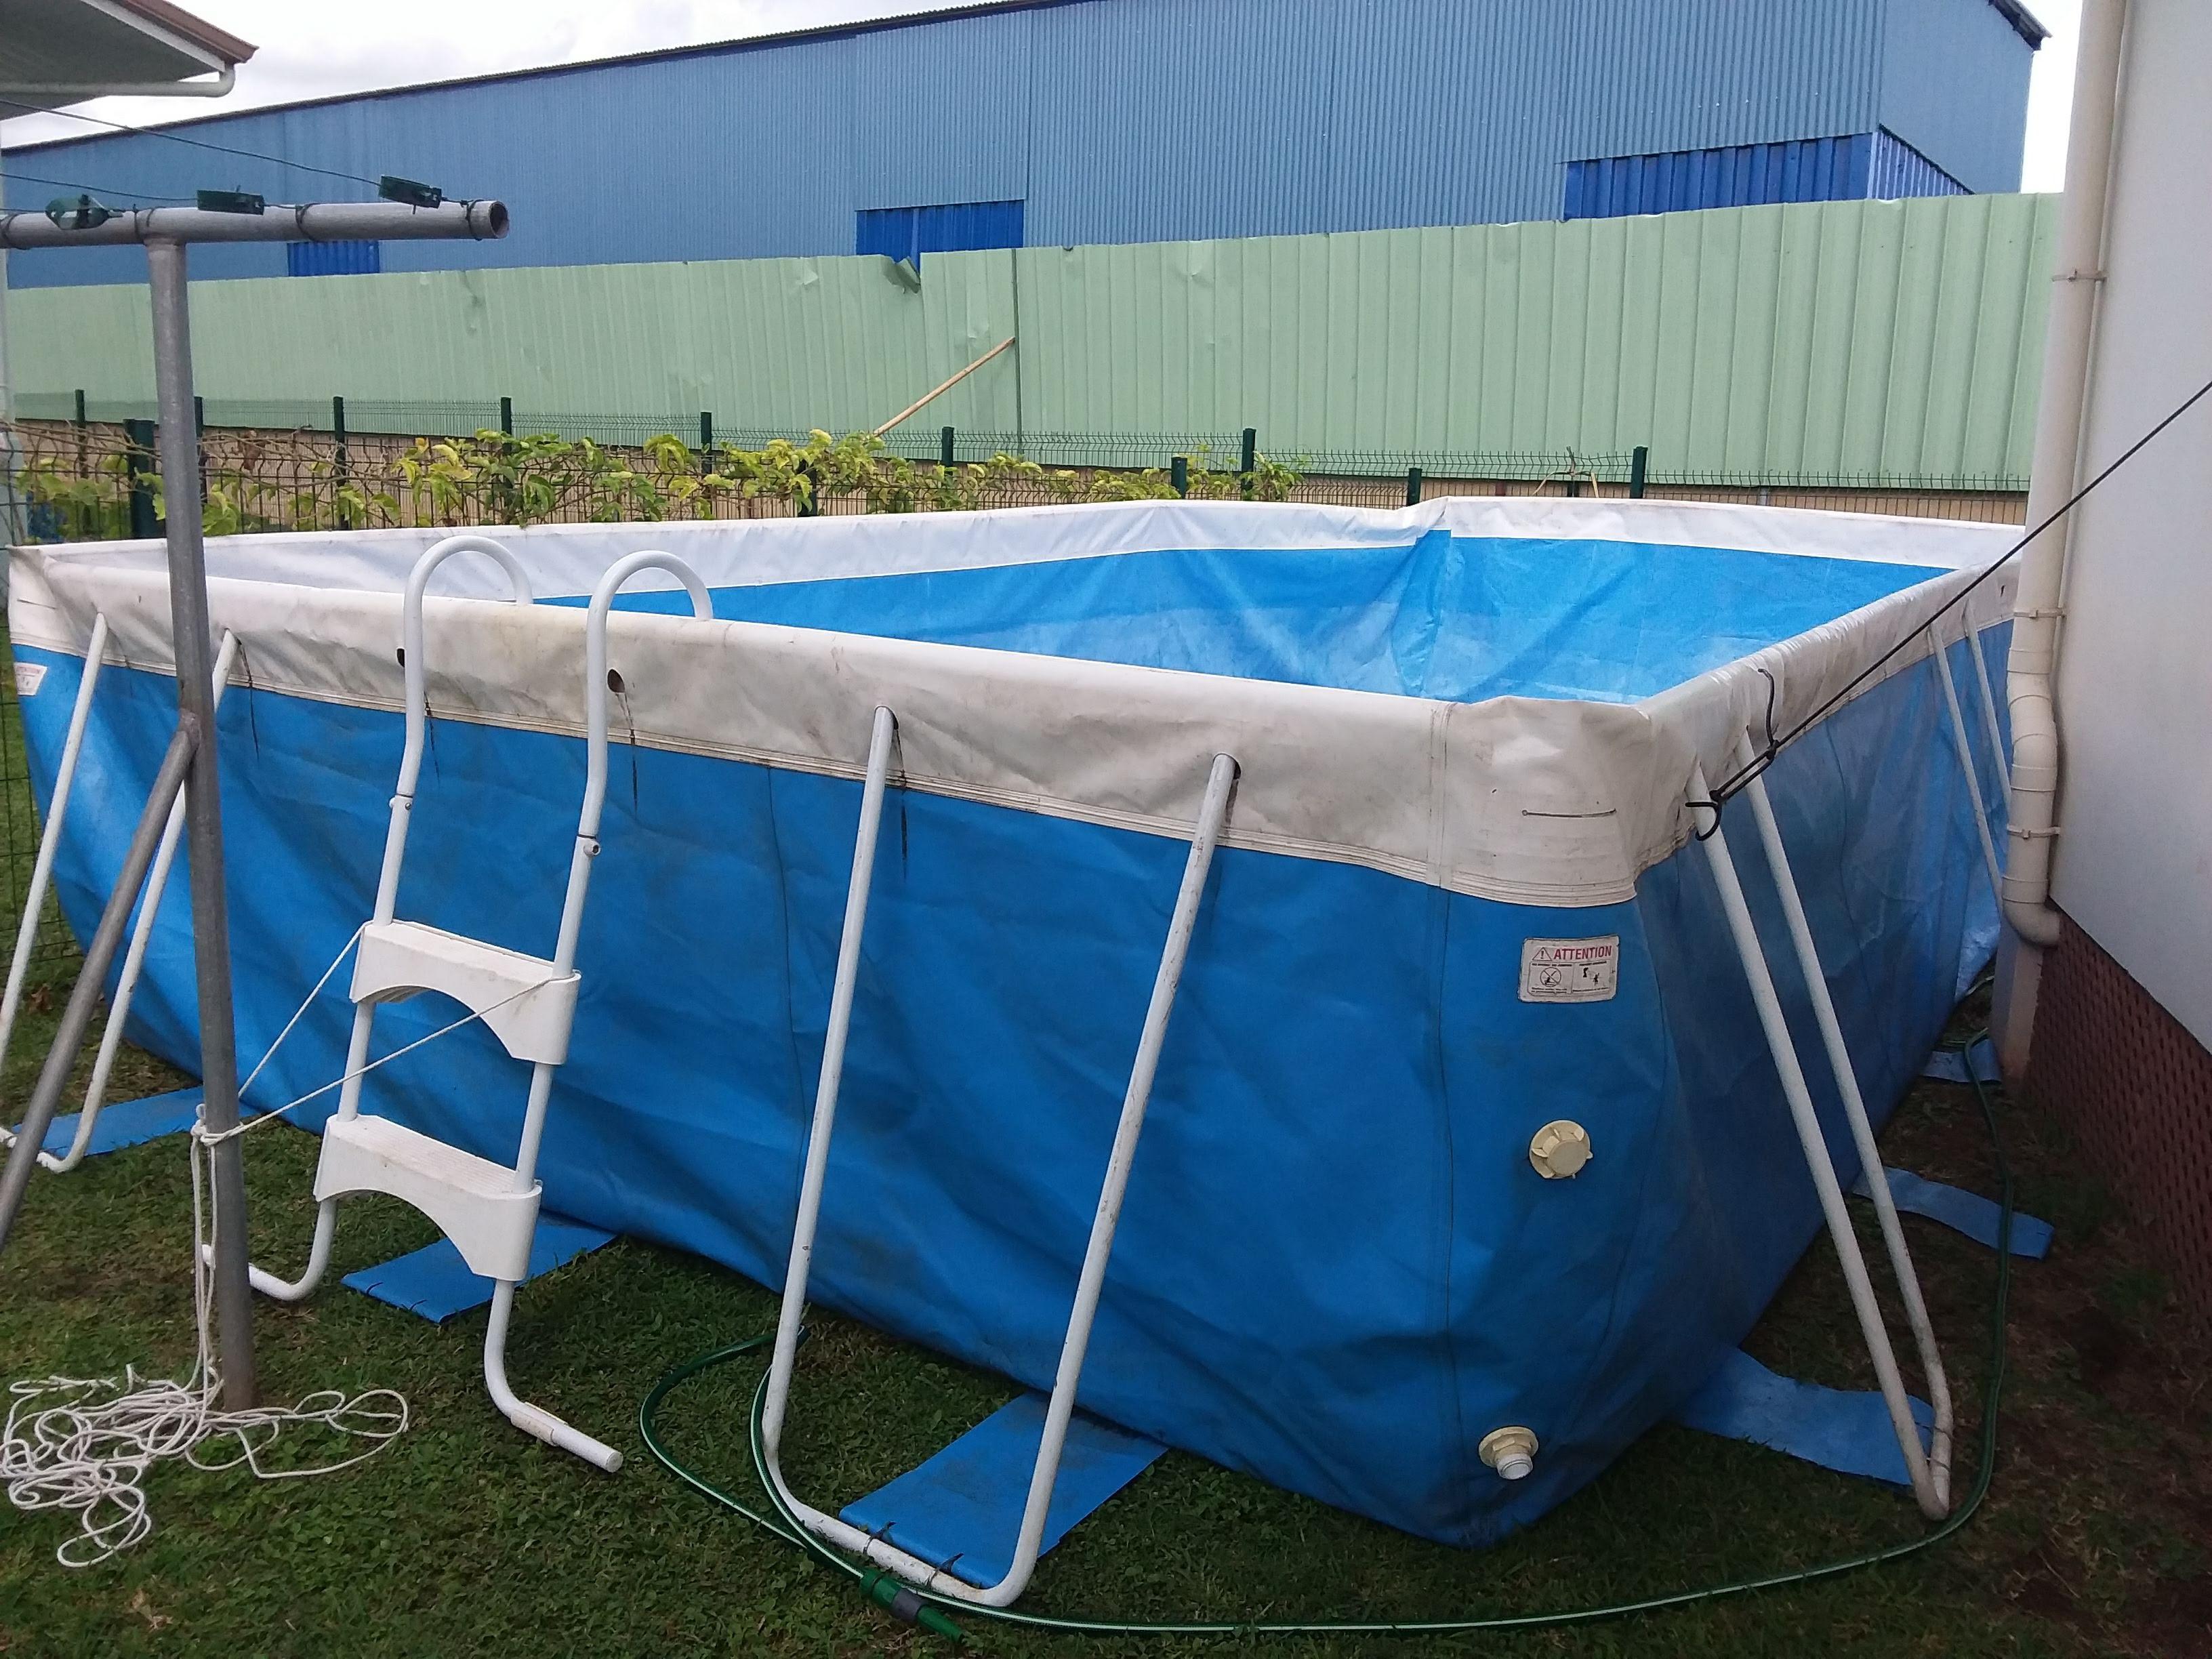 Vends piscine laghetto 8m x 4m x 1 30m toute quip e for Prix piscine laghetto